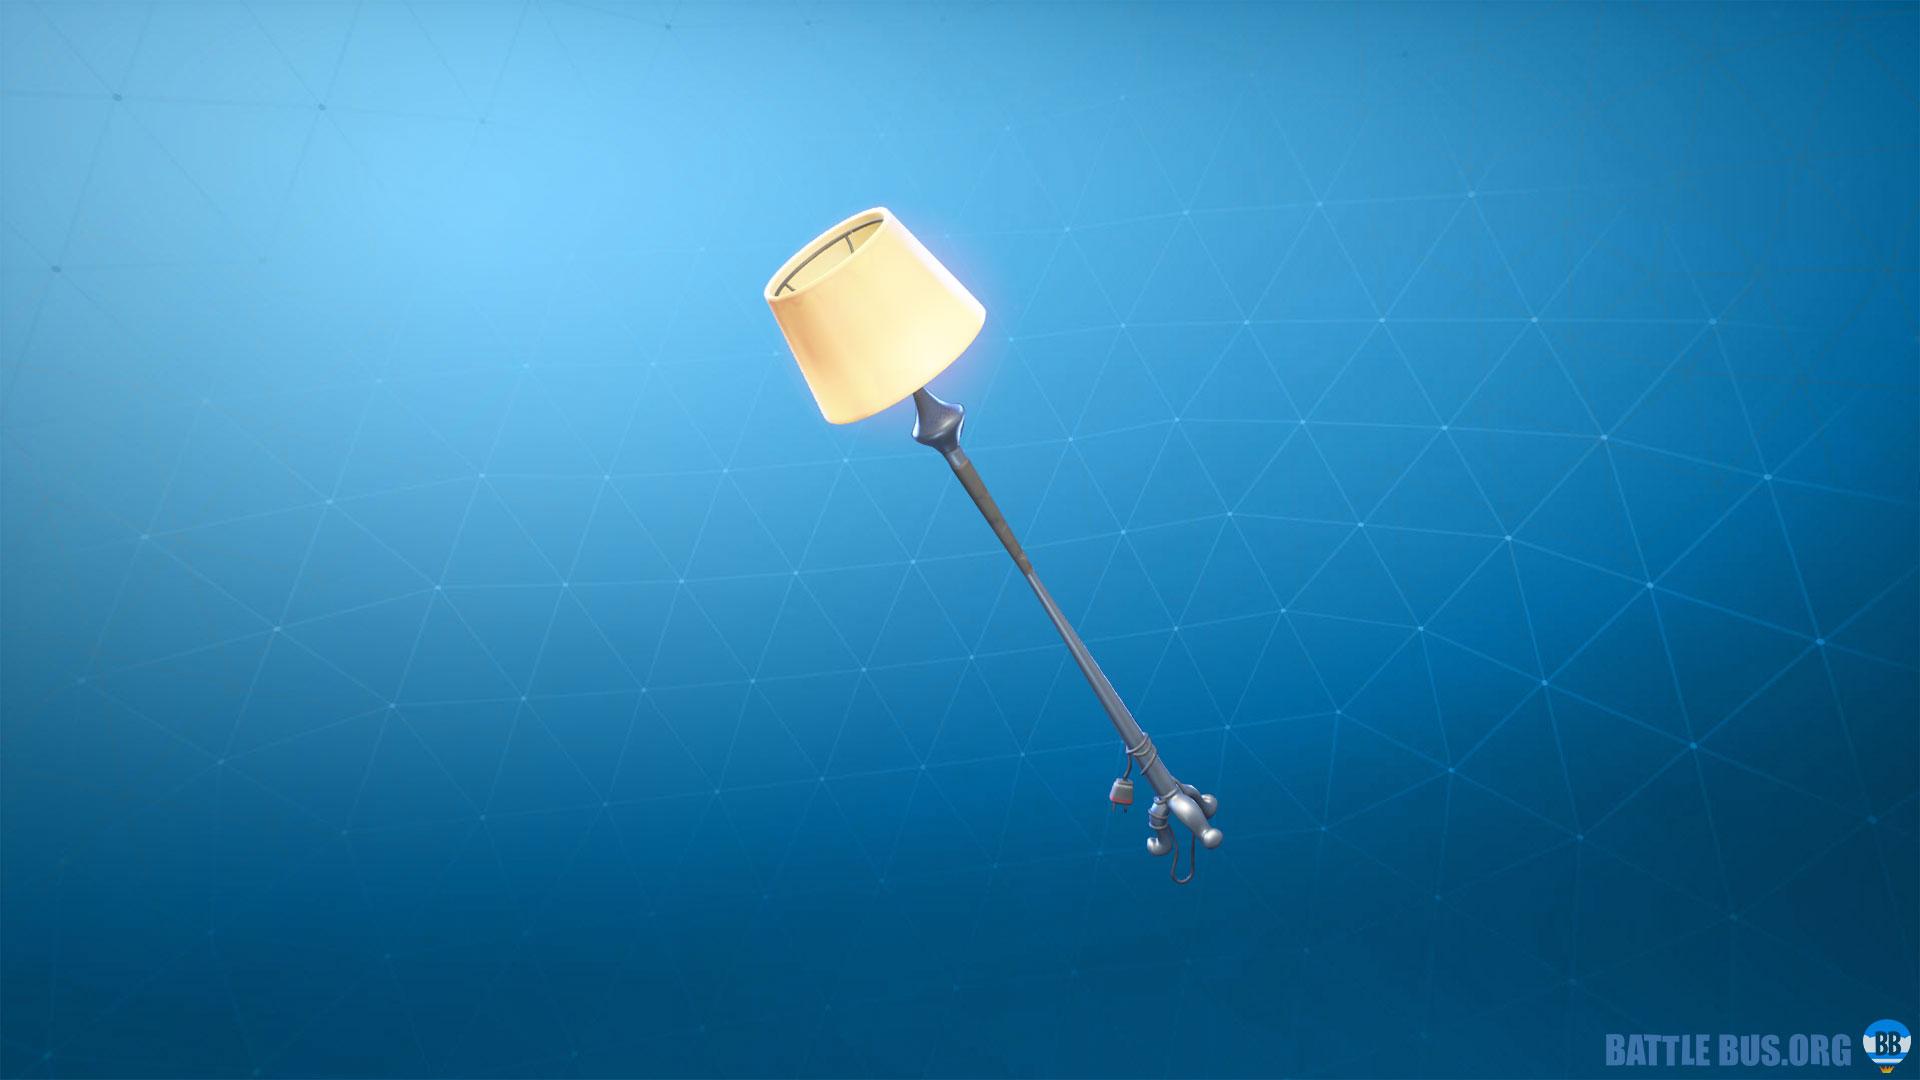 Mothmando Lamp Fortnite Pickaxe Uncommon